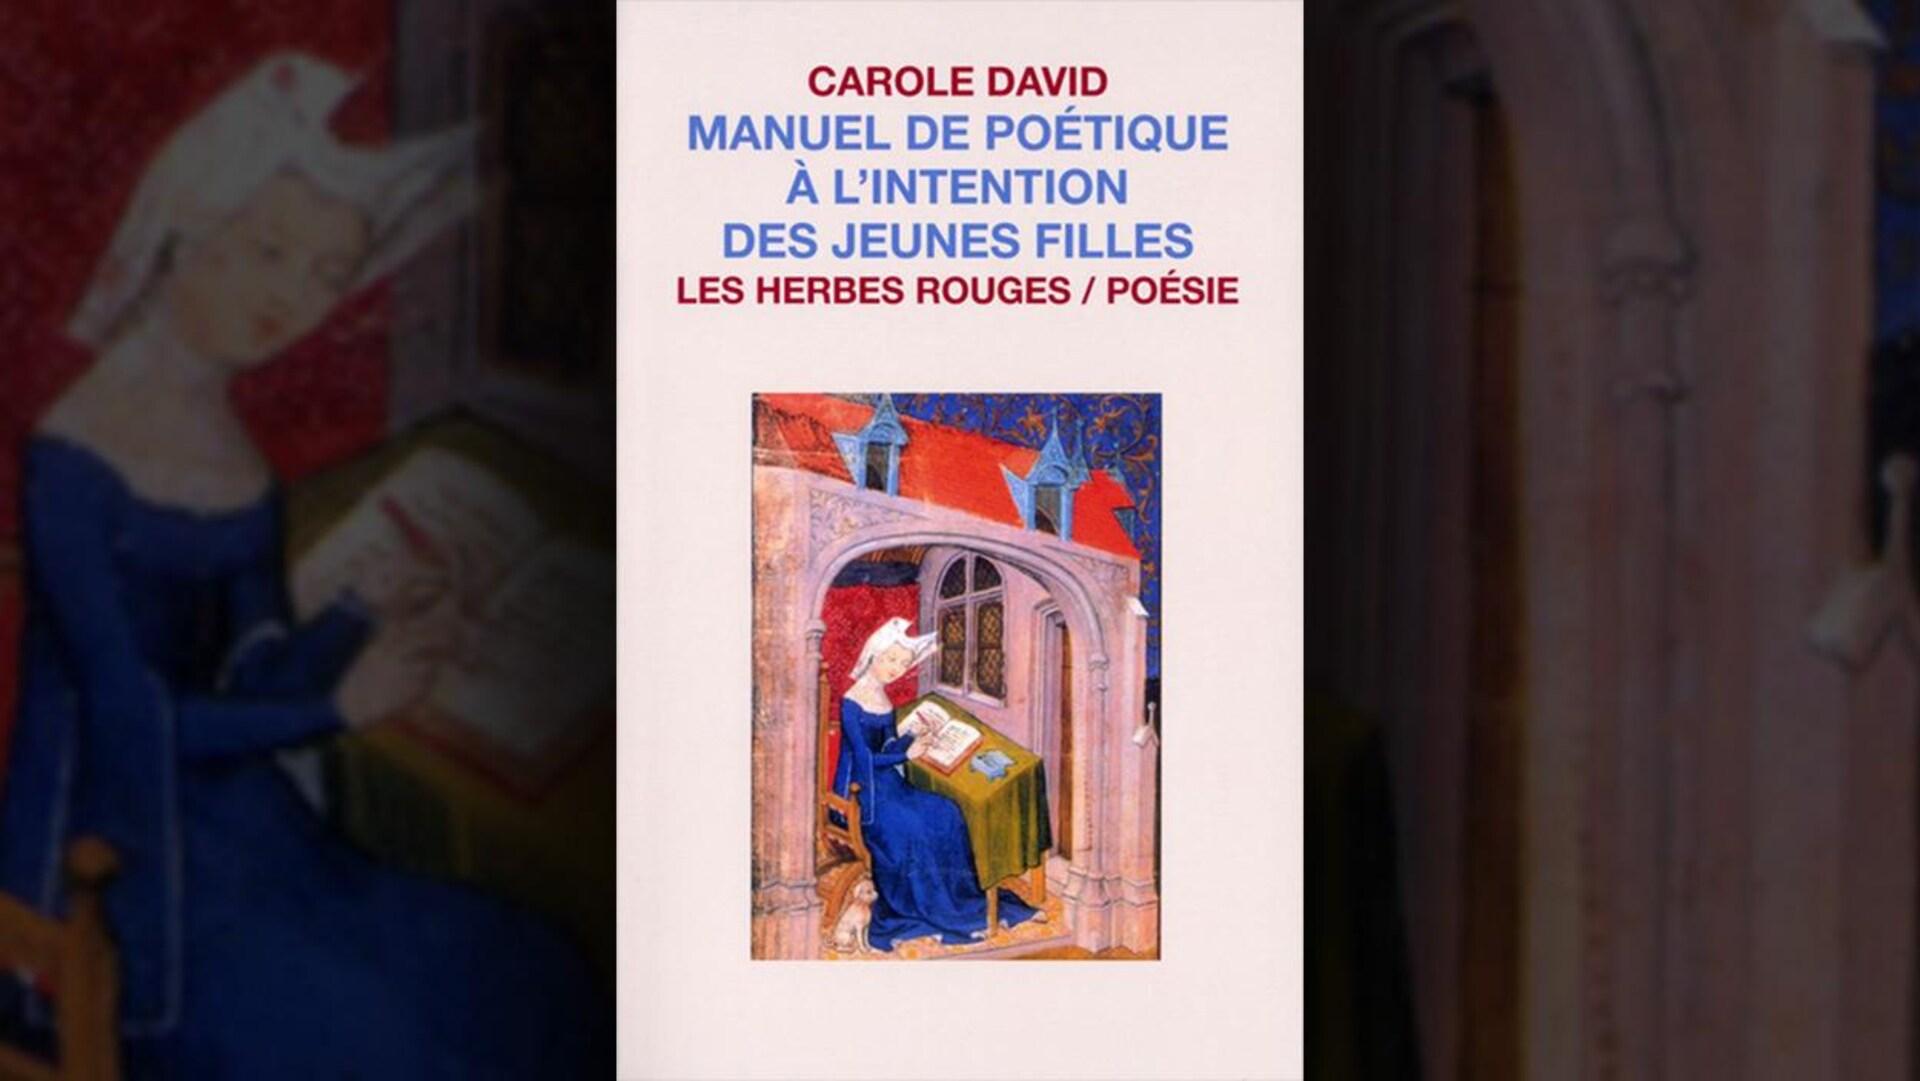 Montage de la couverture du livre «Manuel de poétique à l'intention des jeunes filles» de Carole David. Sur la couverture est dessinée une scène médiévale représentant une femme écrivant avec un chien à ses pieds.